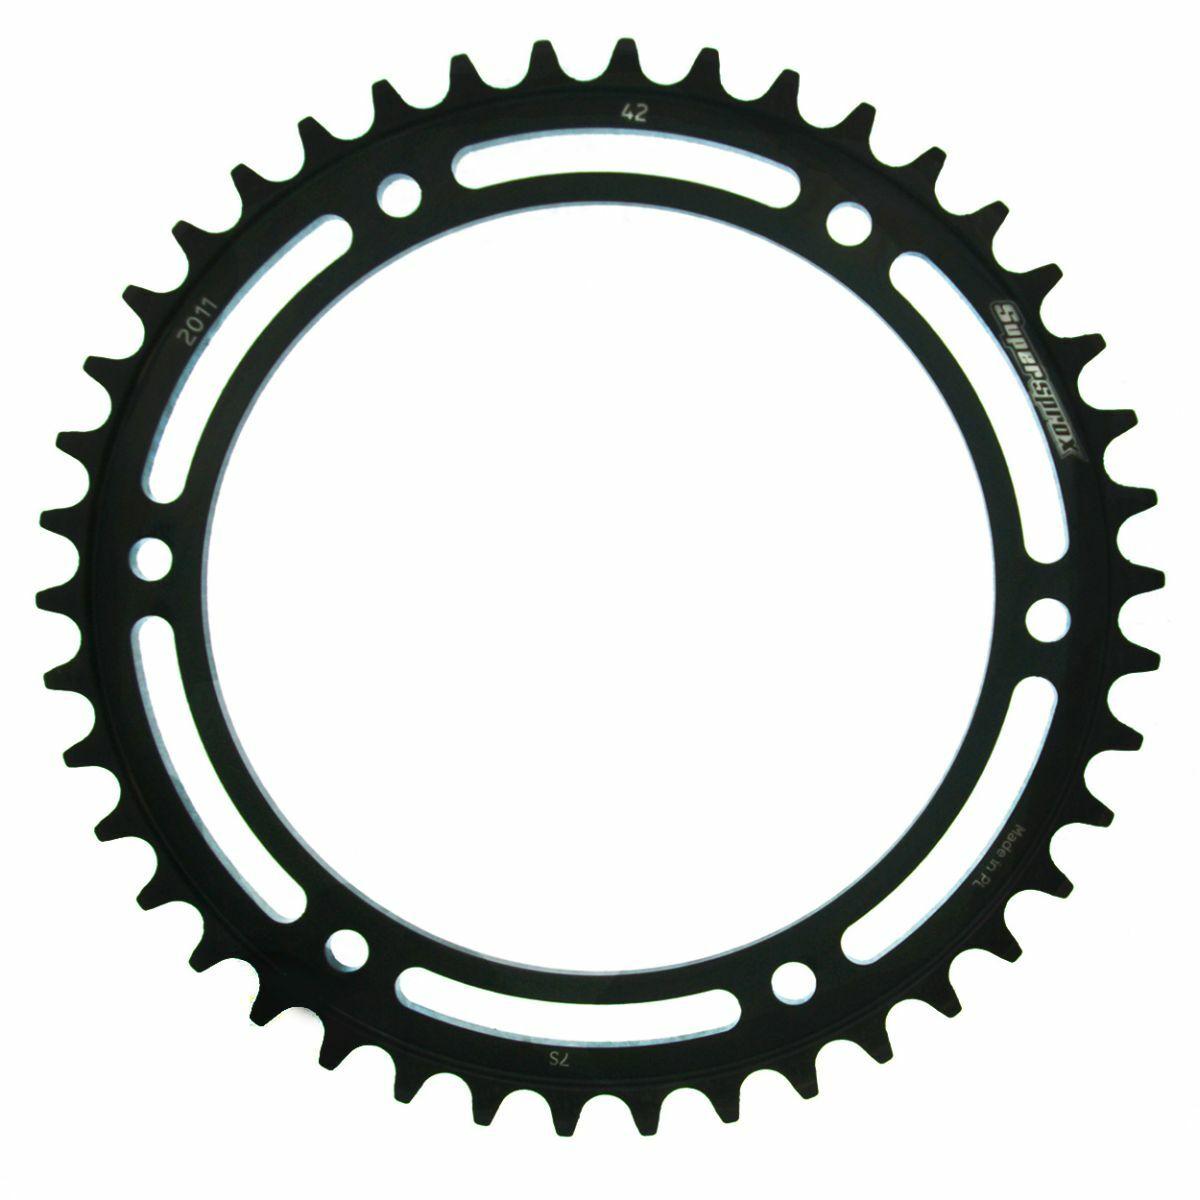 Obrázek produktu Řetězová rozeta SUPERSPROX černý 42 zubů, 530